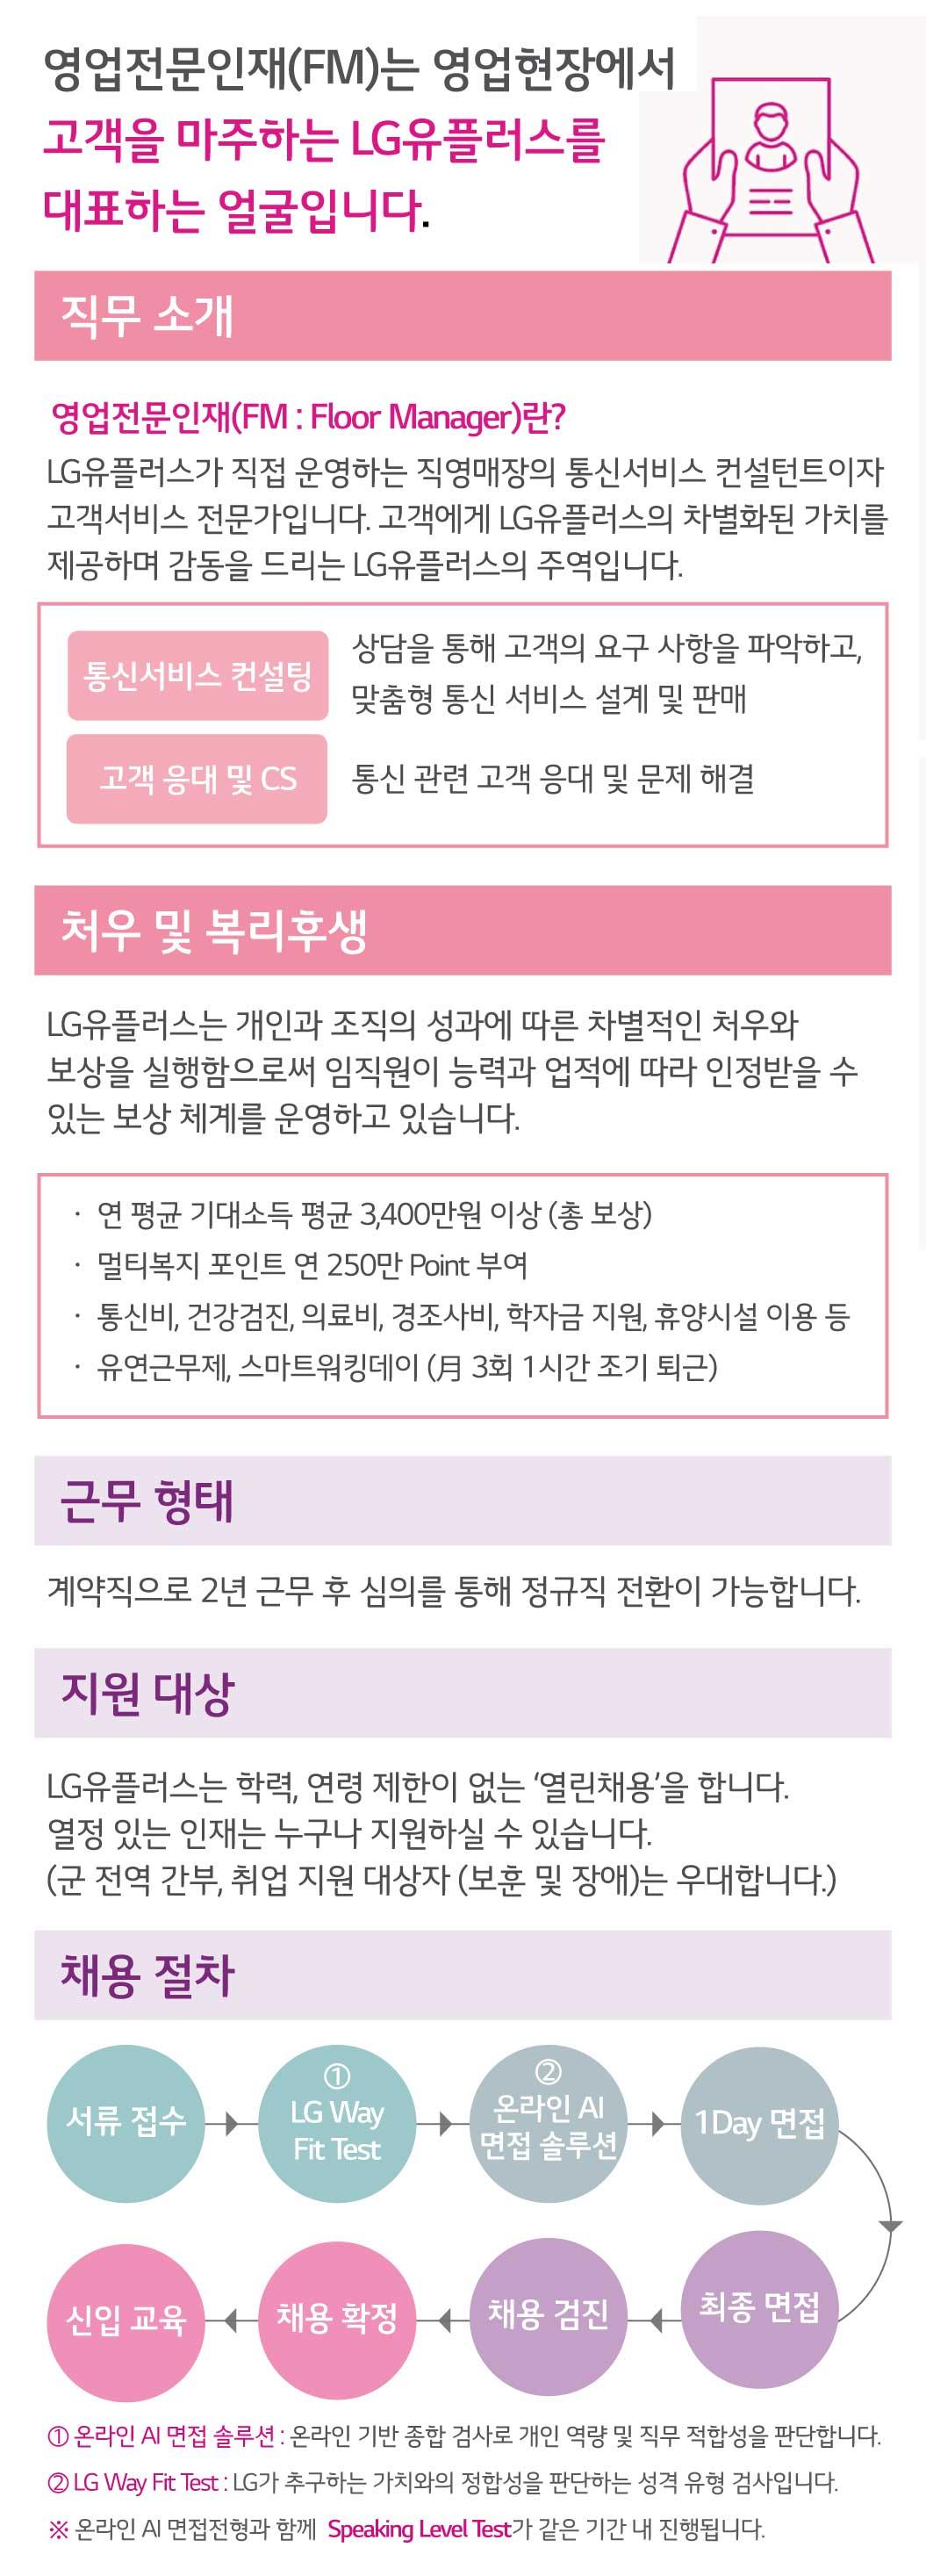 [공고] LG유플러스-영업전문인재 모집 요강.jpg